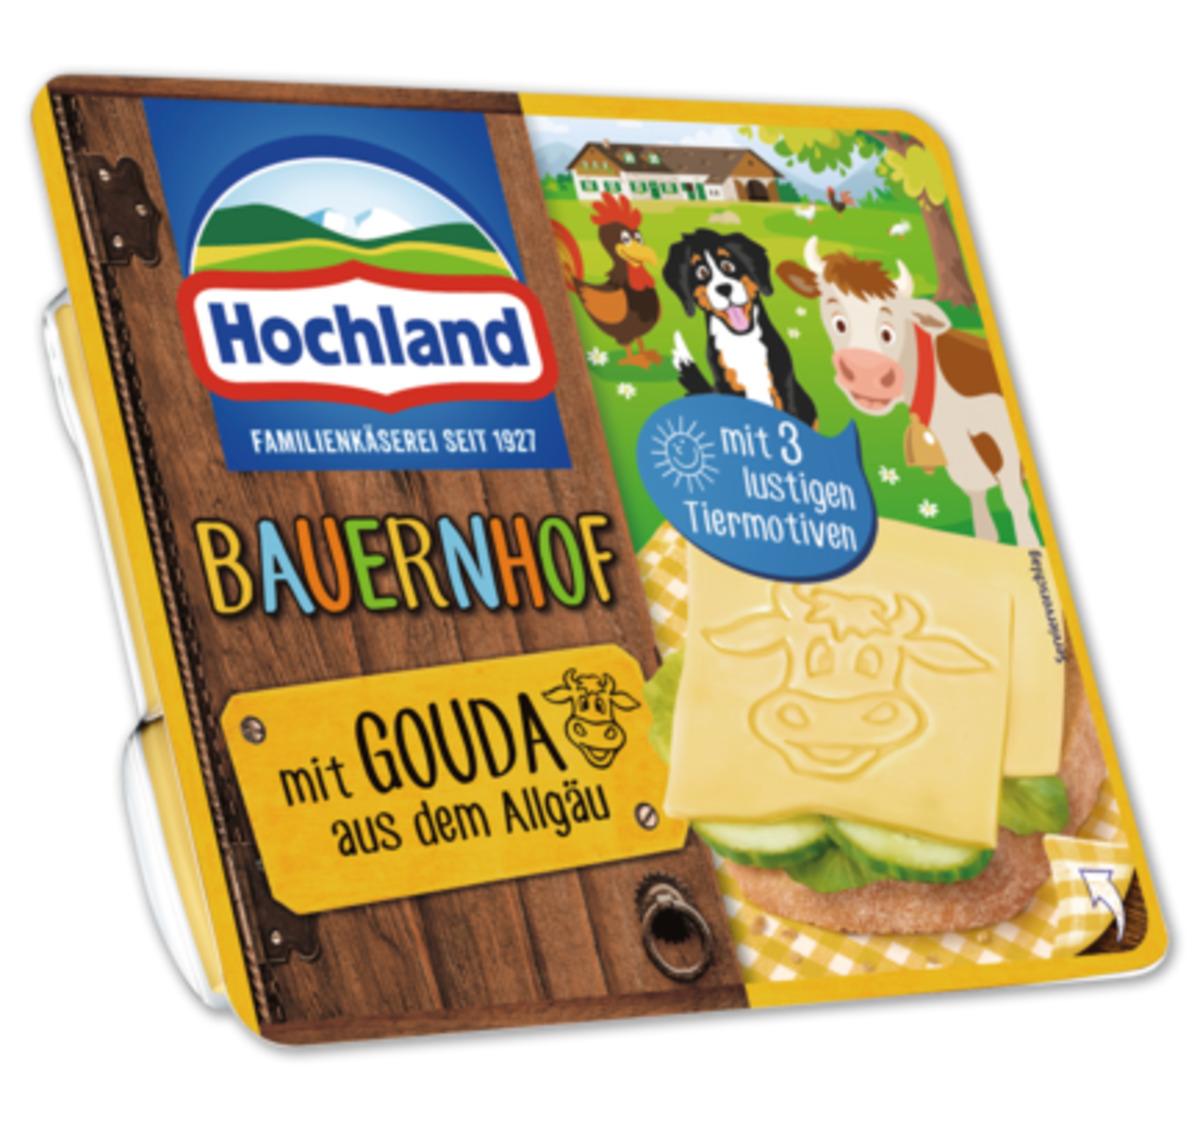 Bild 2 von HOCHLAND Sandwichscheiben